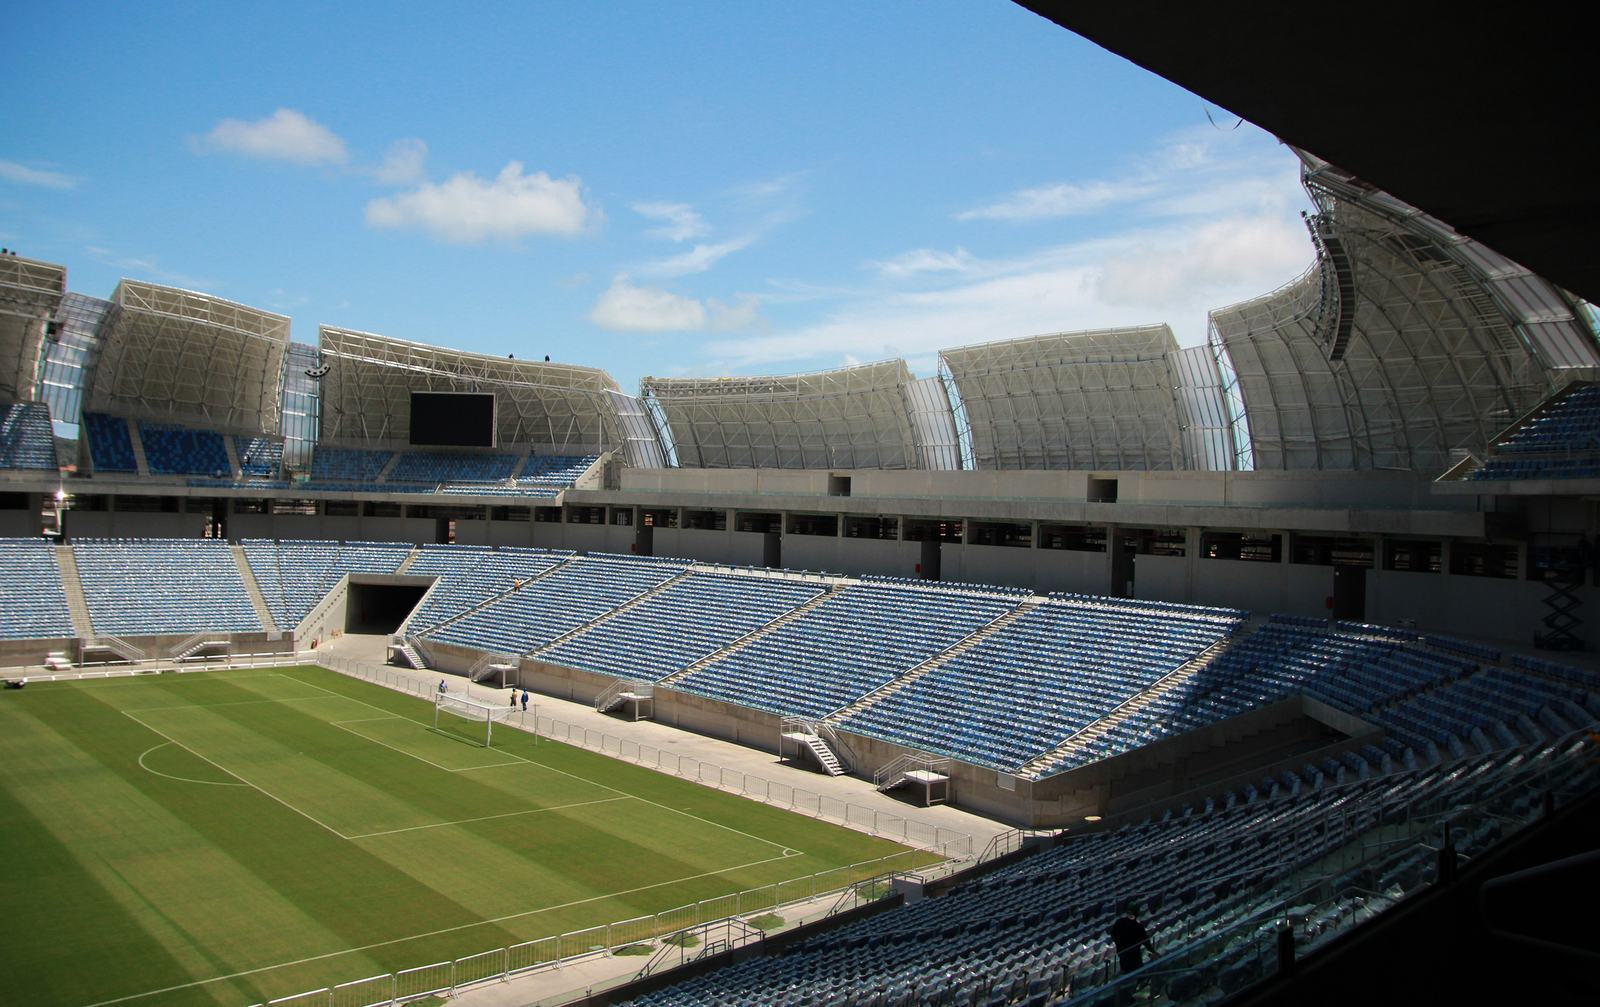 Arena Das Dunas December 2013 Arena das dunas